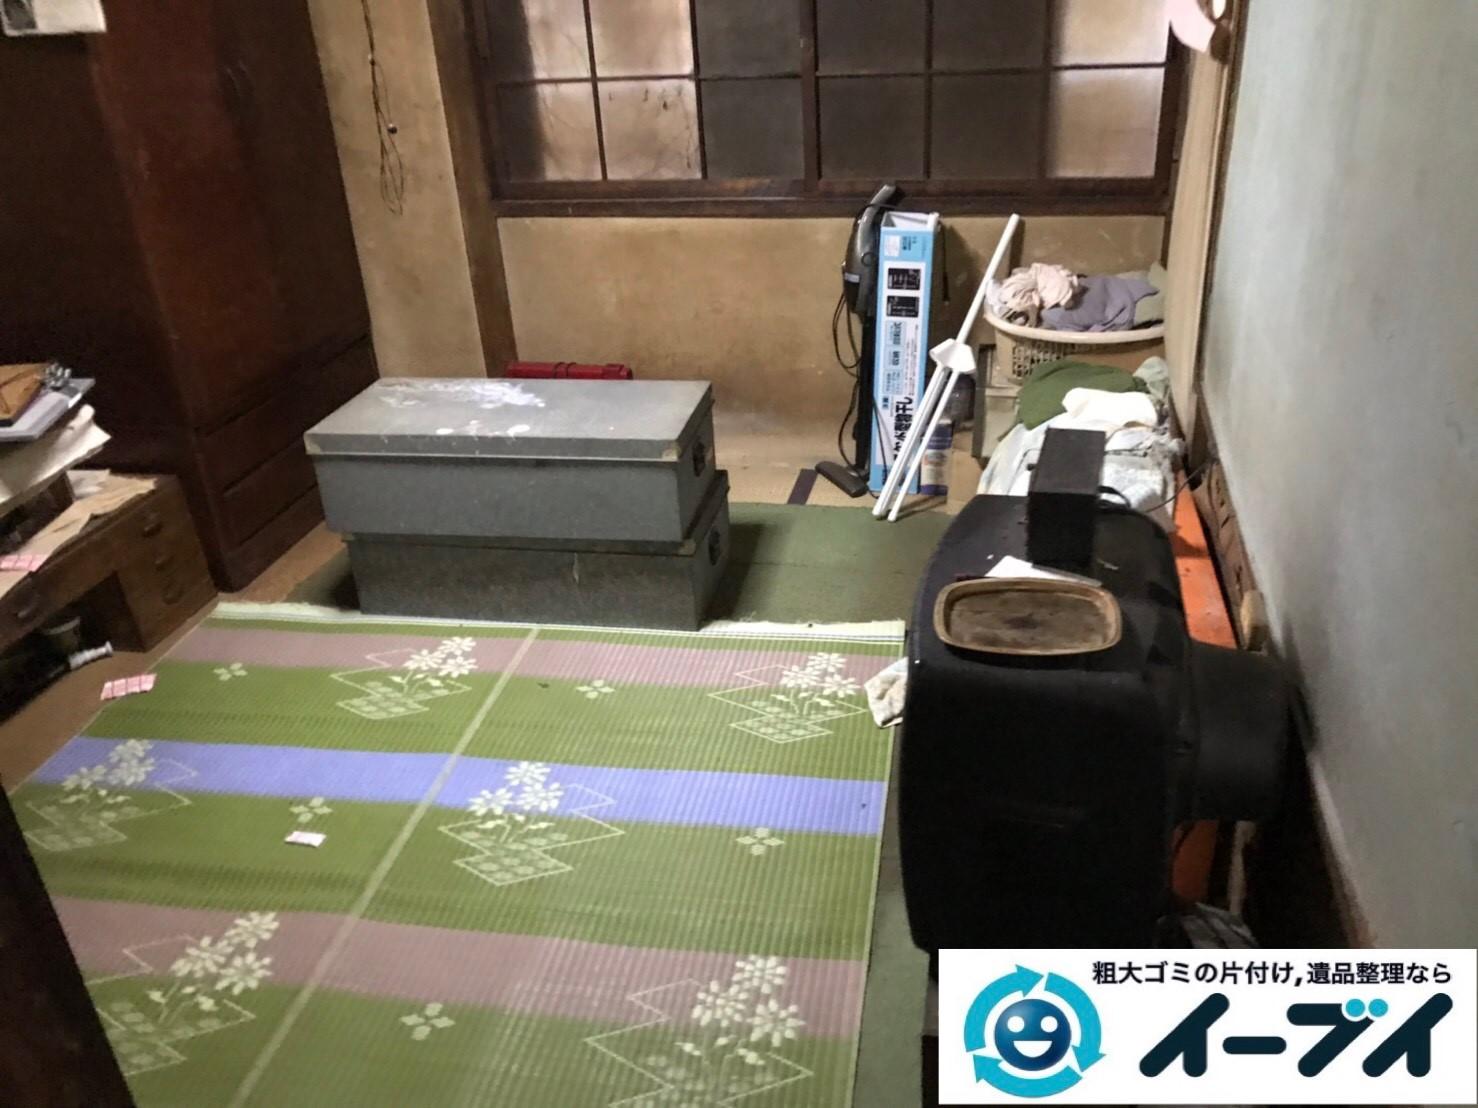 2019年8月13日大阪府大阪市大正区でお部屋の家財道具を全処分させていただきました。写真3